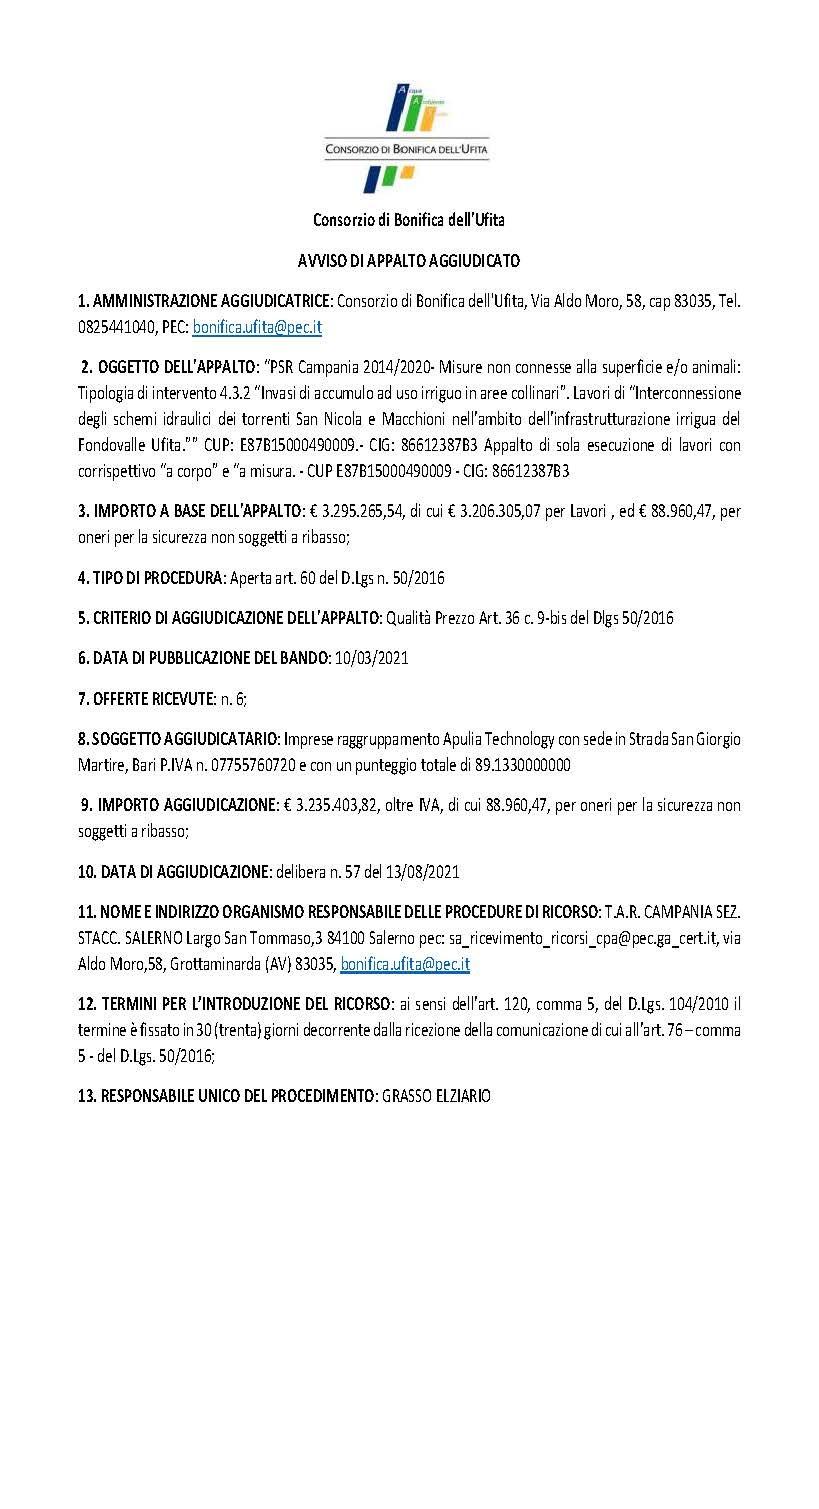 Consorzio di Bonifica dell'Ufita: AVVISO DI APPALTO AGGIUDICATO